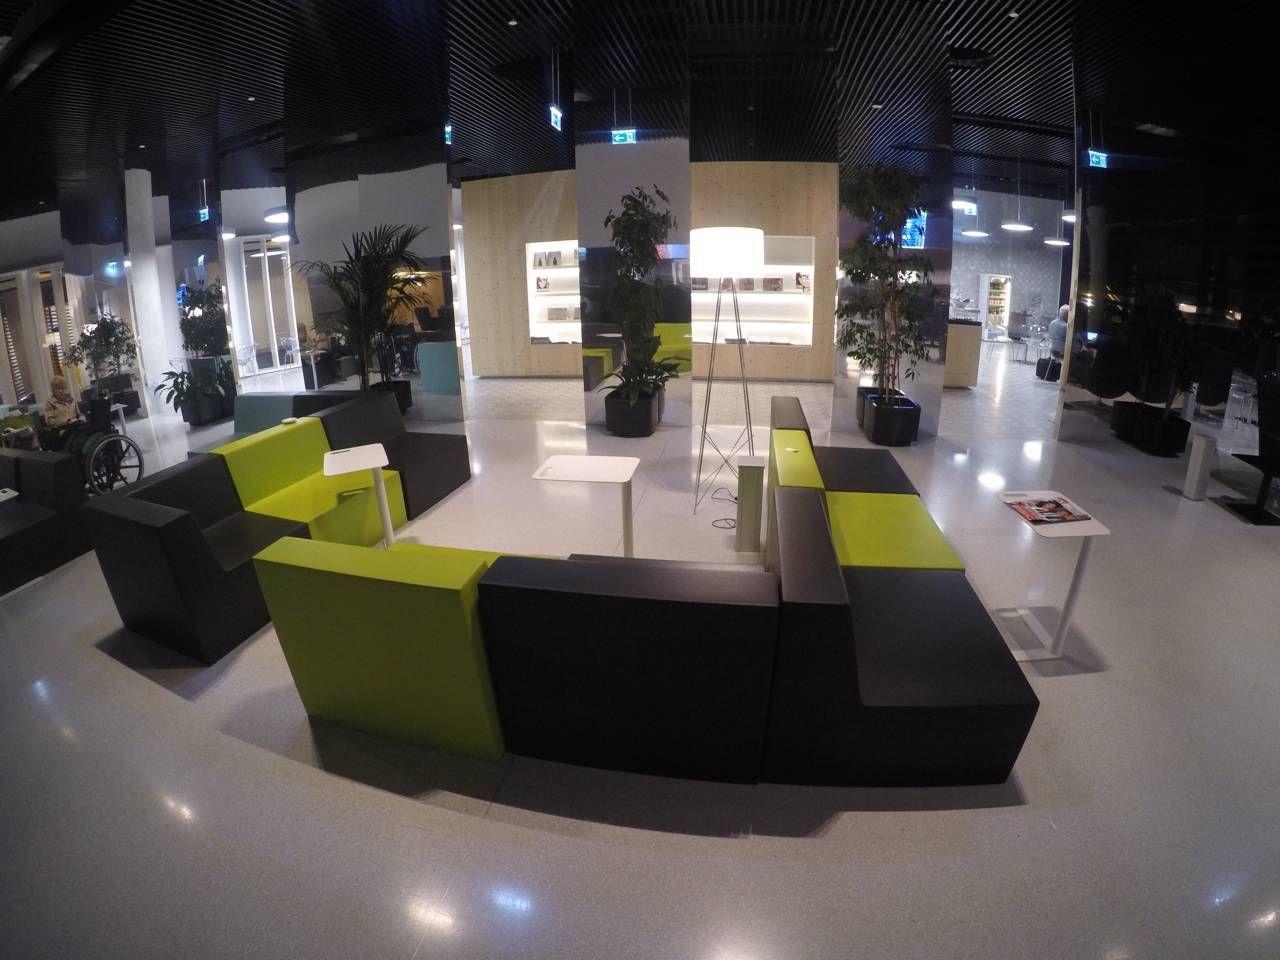 sala vip ana lounge aeroporto de lisboa lis